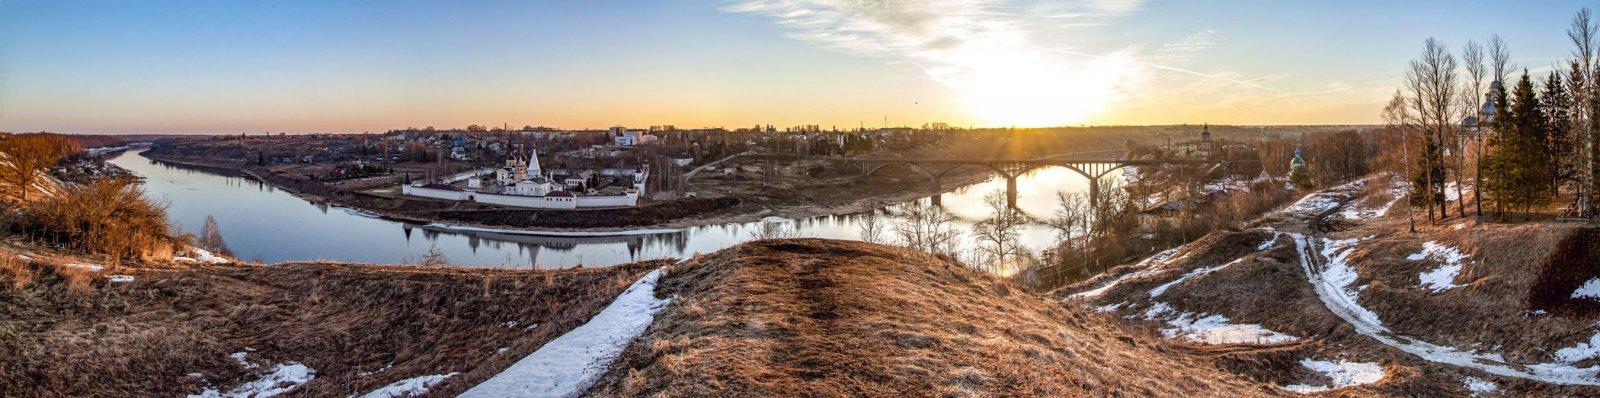 Старицкий монастырь и Волга с вала древнего городища